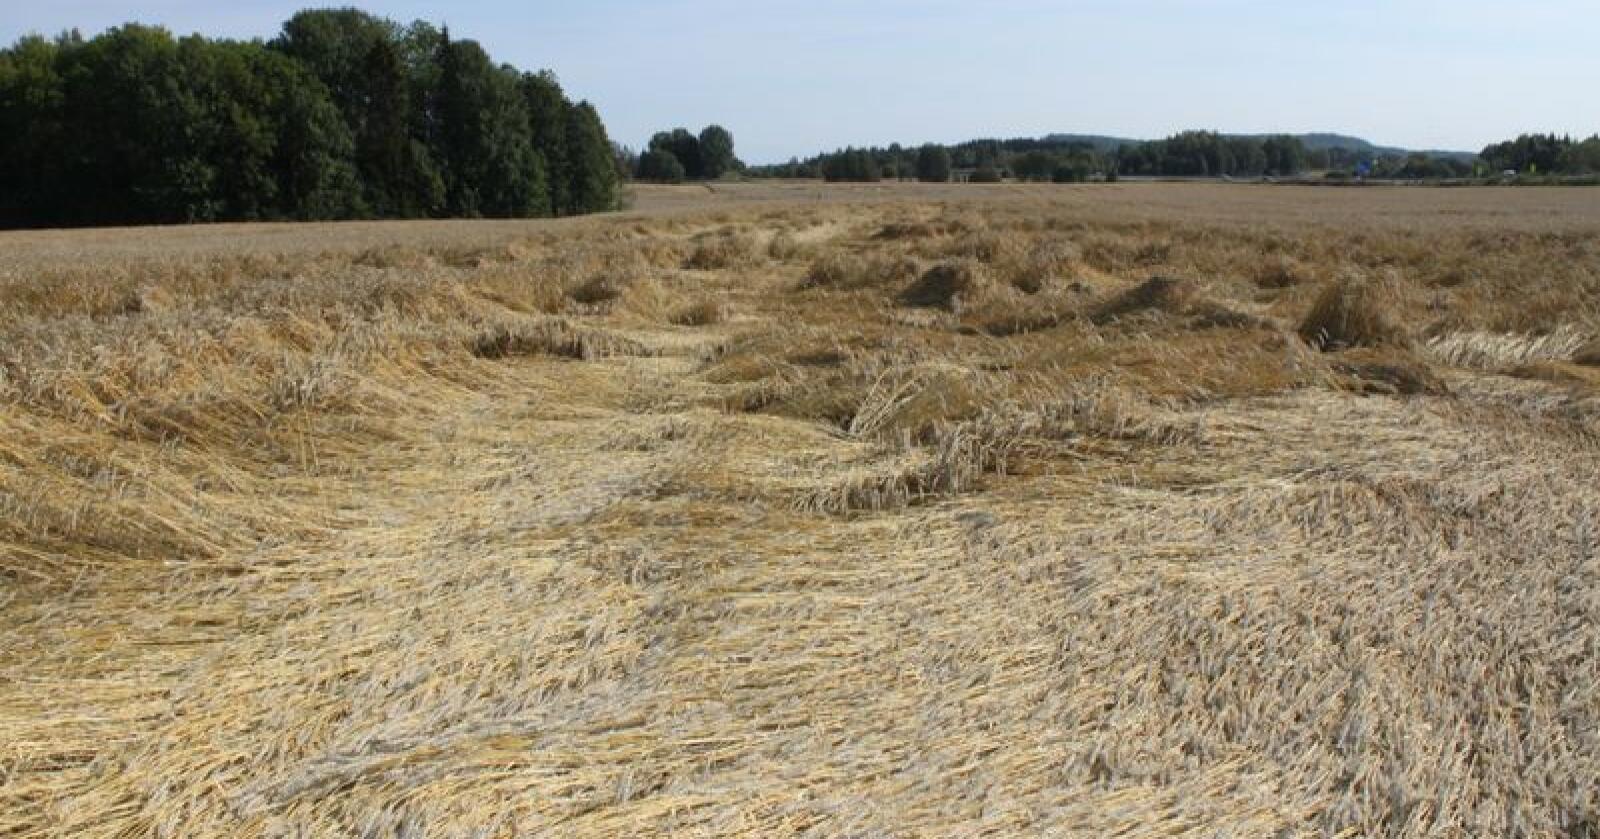 I Danmark er det sjeldent rentabelt å stråforkorte høsthvete, men nå kommer det trolig en måte å forsikre avlingen mot økonomisk tap på grunn av legde. Illustrasjonsfoto: Dag Idar Jøsang